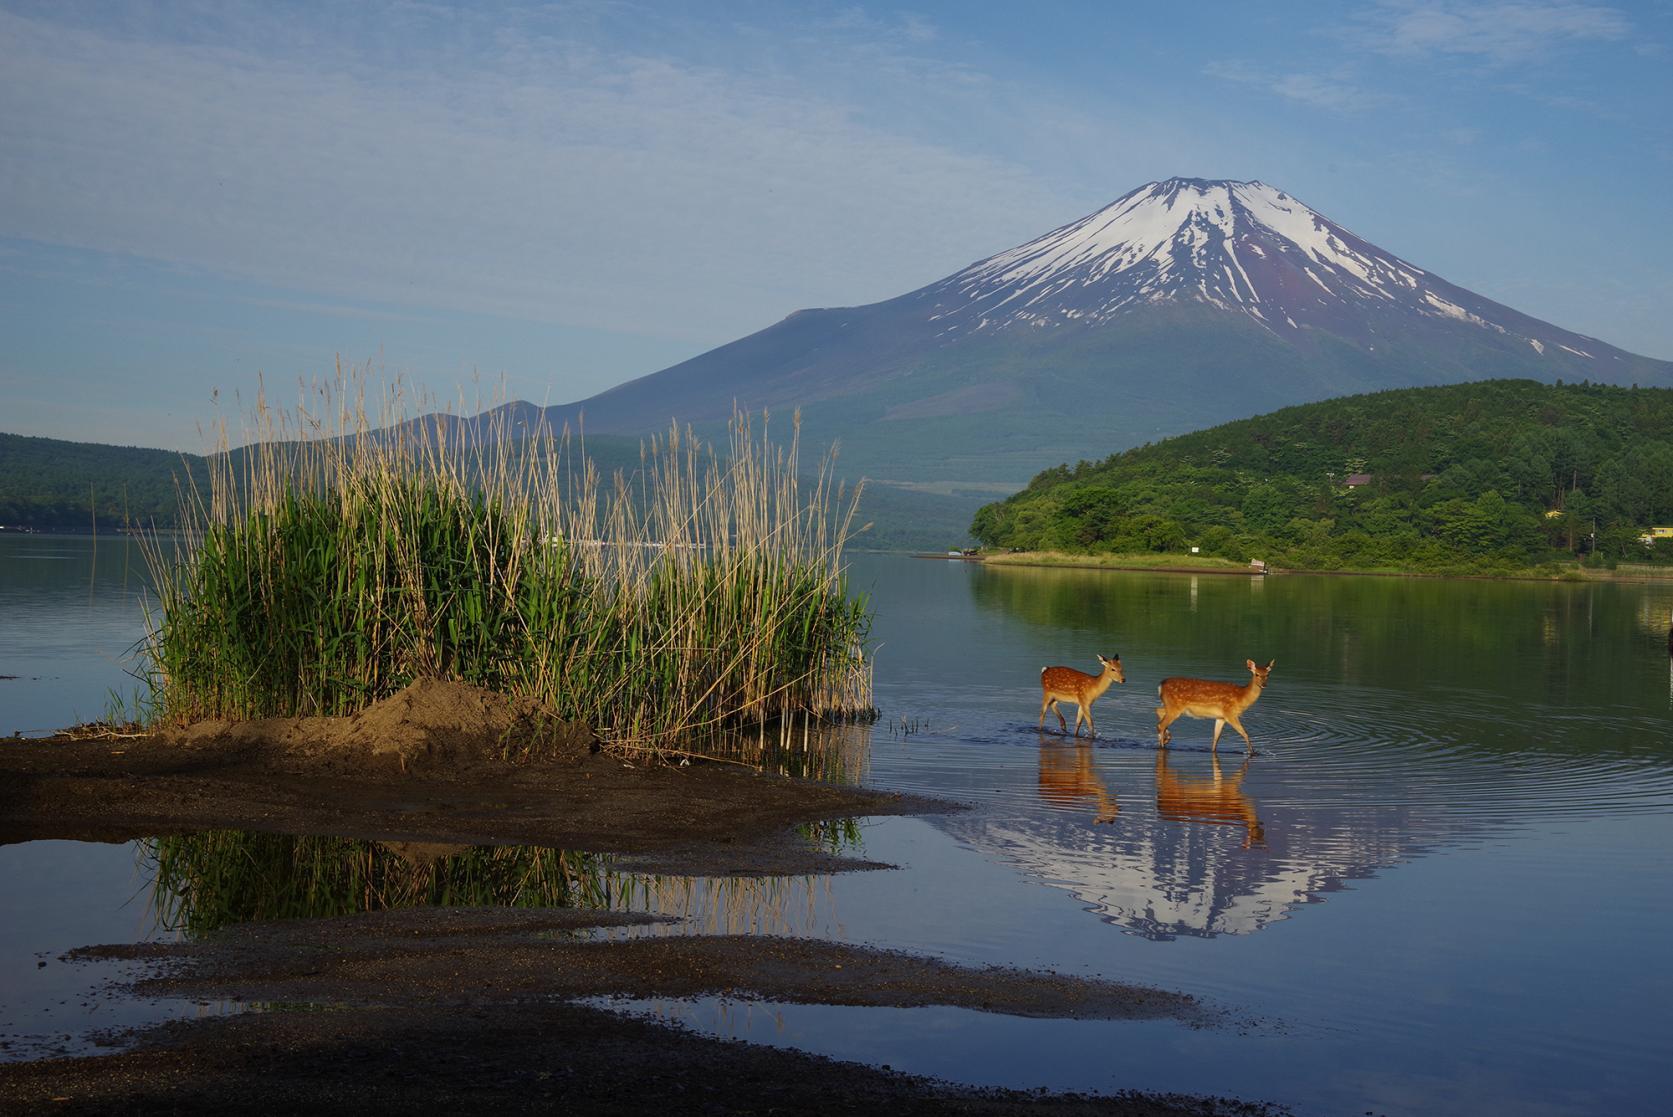 第14回山中湖フォトグランプリ受賞作品公開中-1